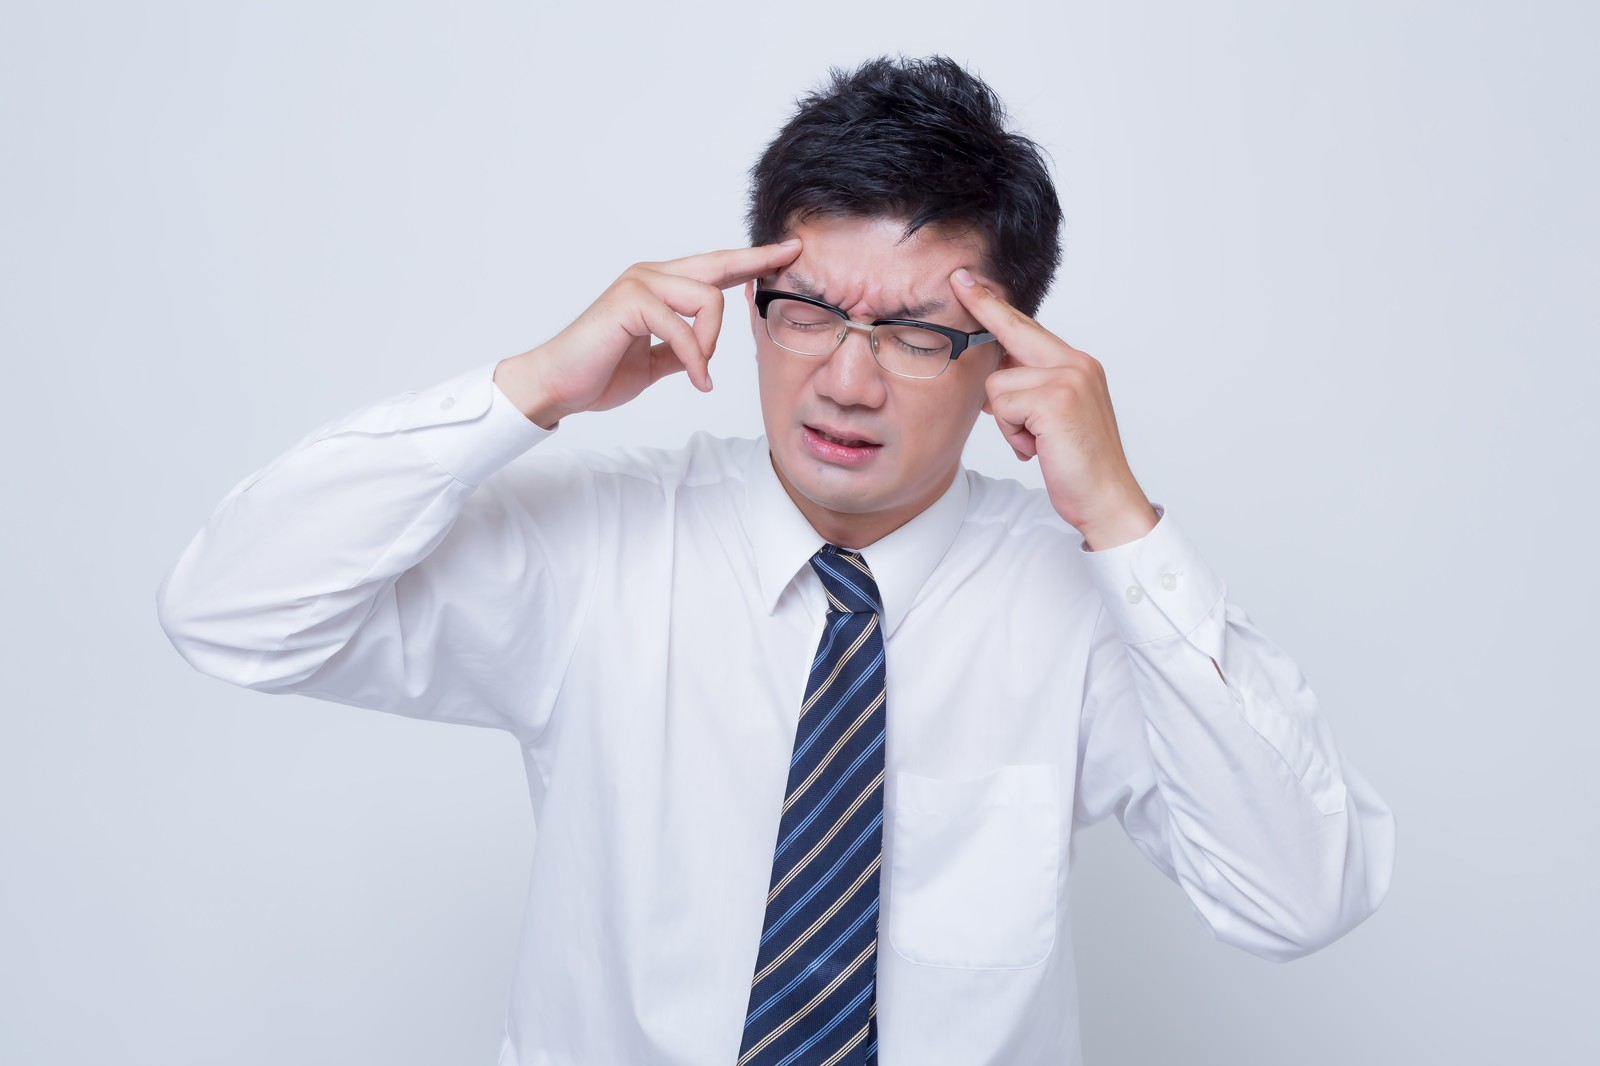 頭痛に悩む男性